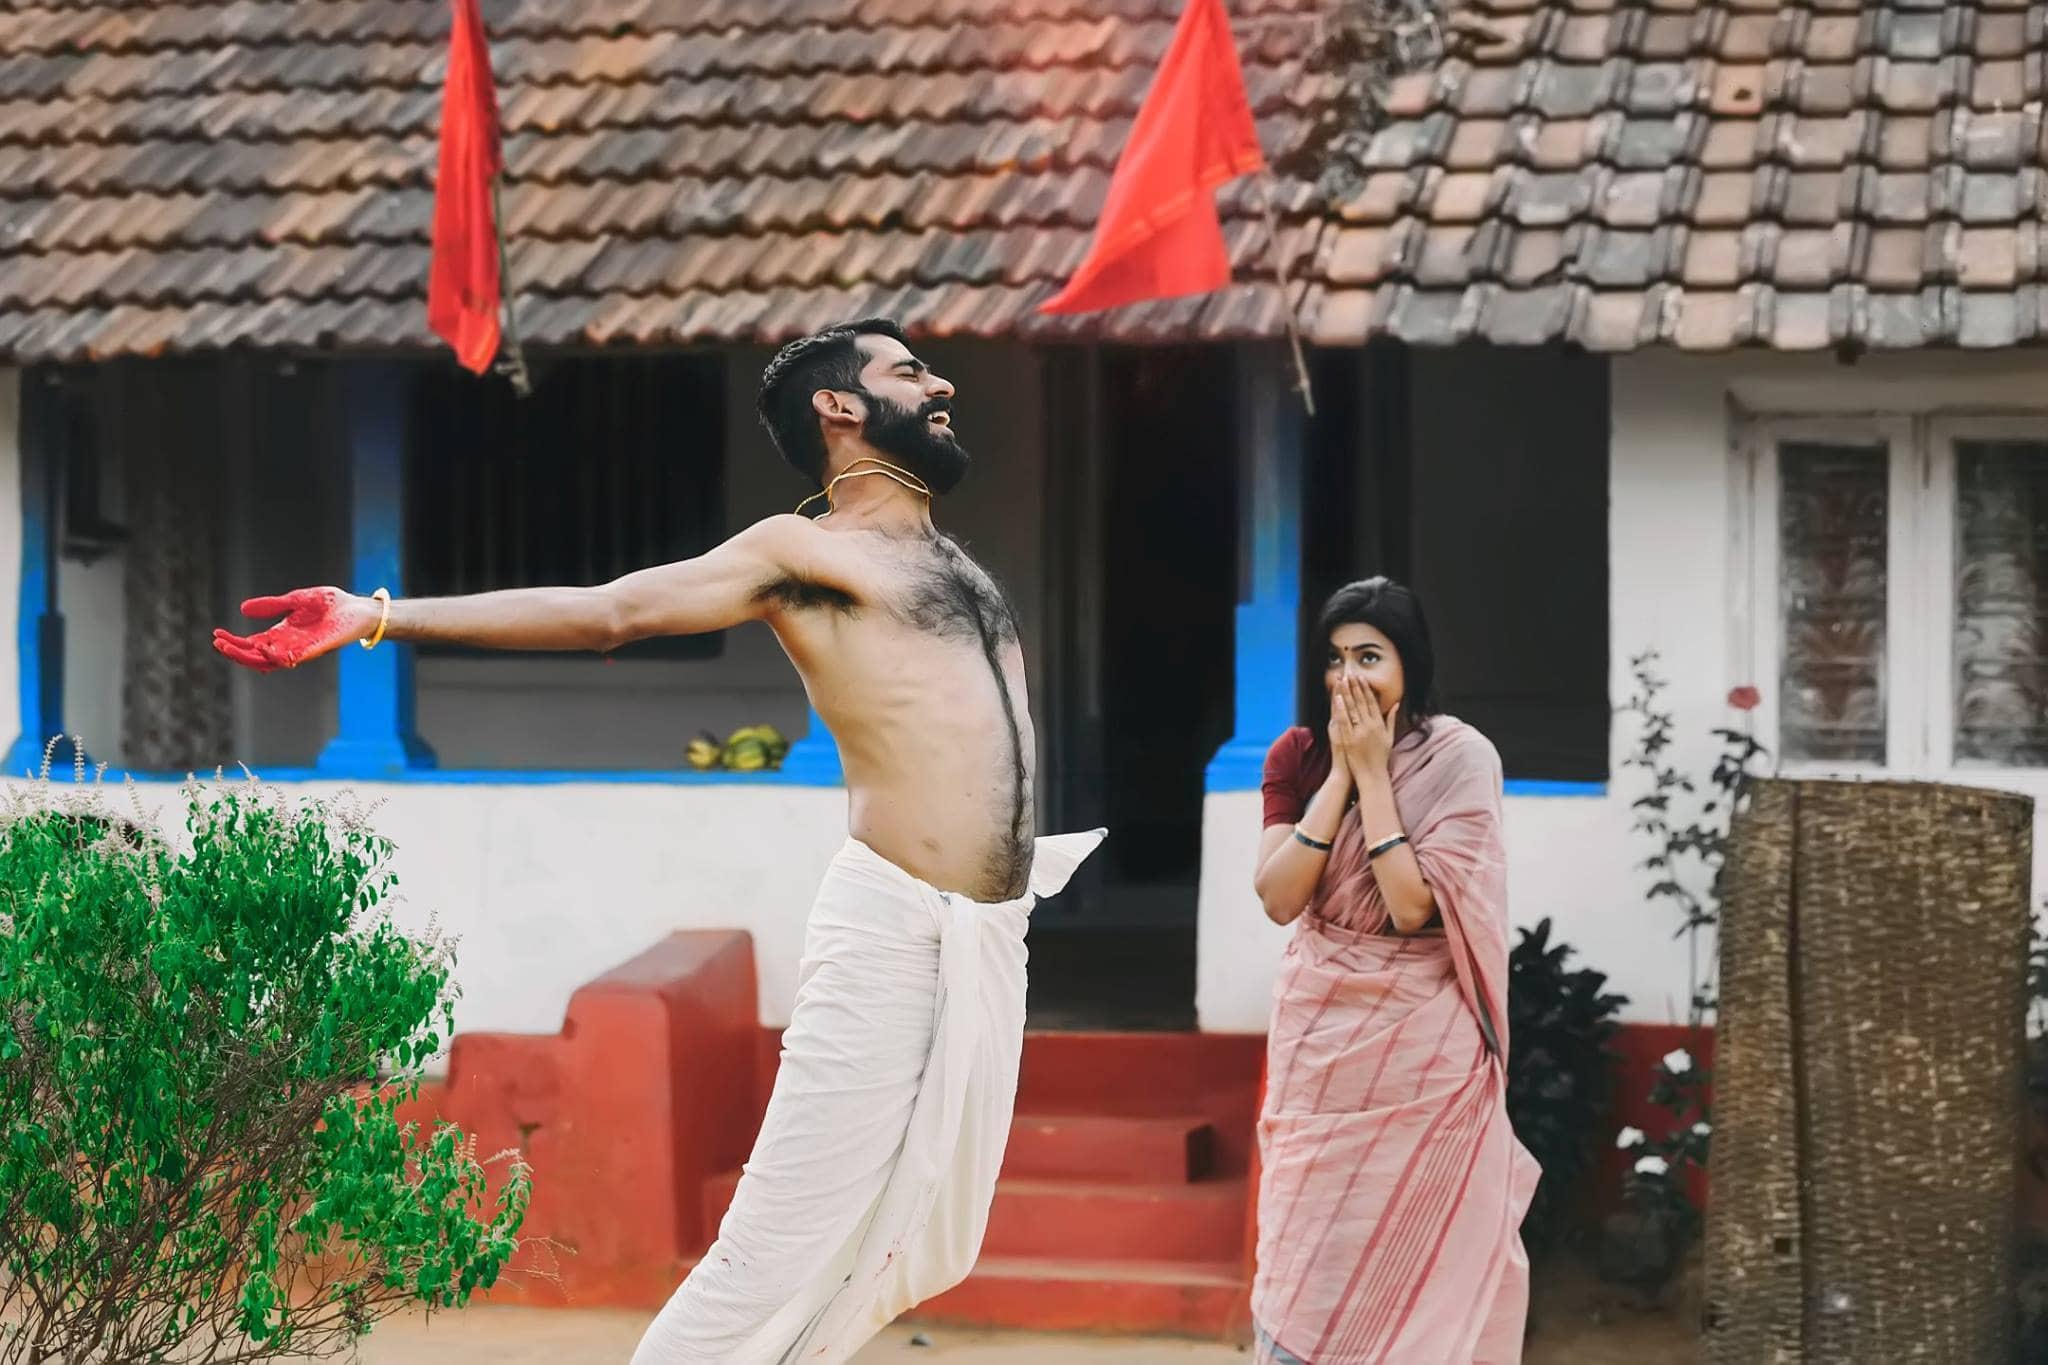 An-Award-winning-photo-story-Avani-By-Arjun-Kamath-24